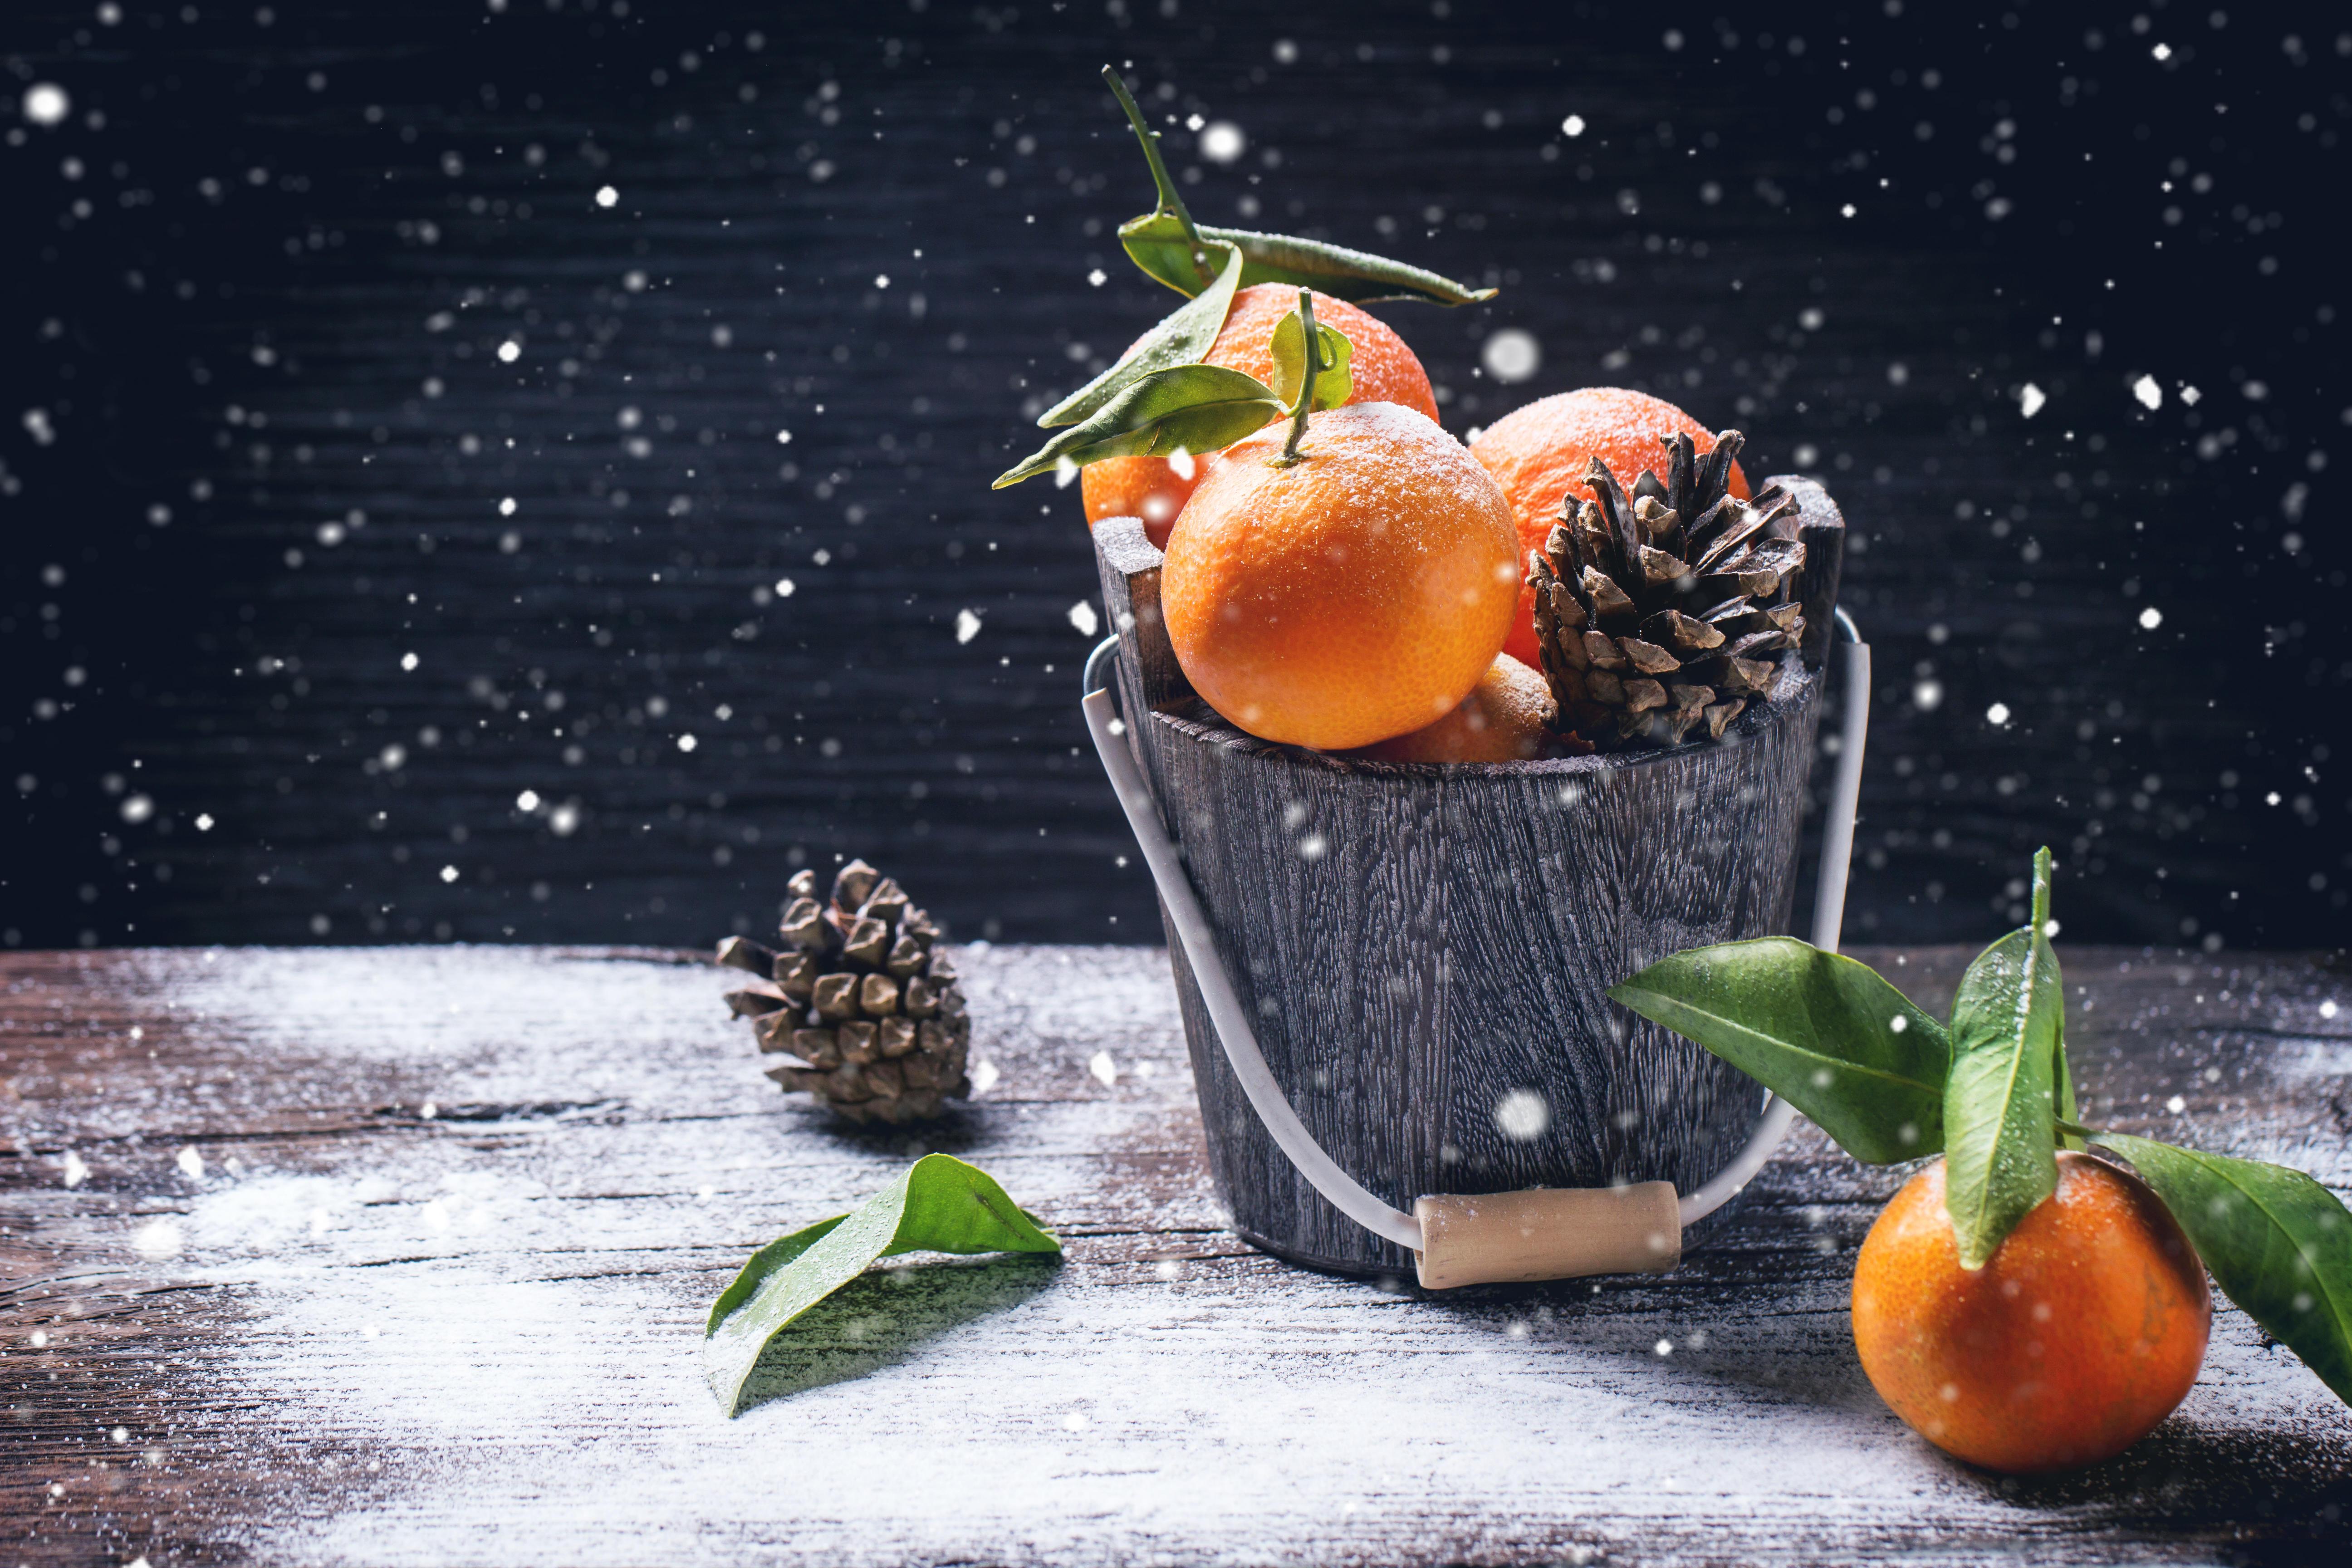 обои мандарины, фрукты, продукты, еда картинки фото